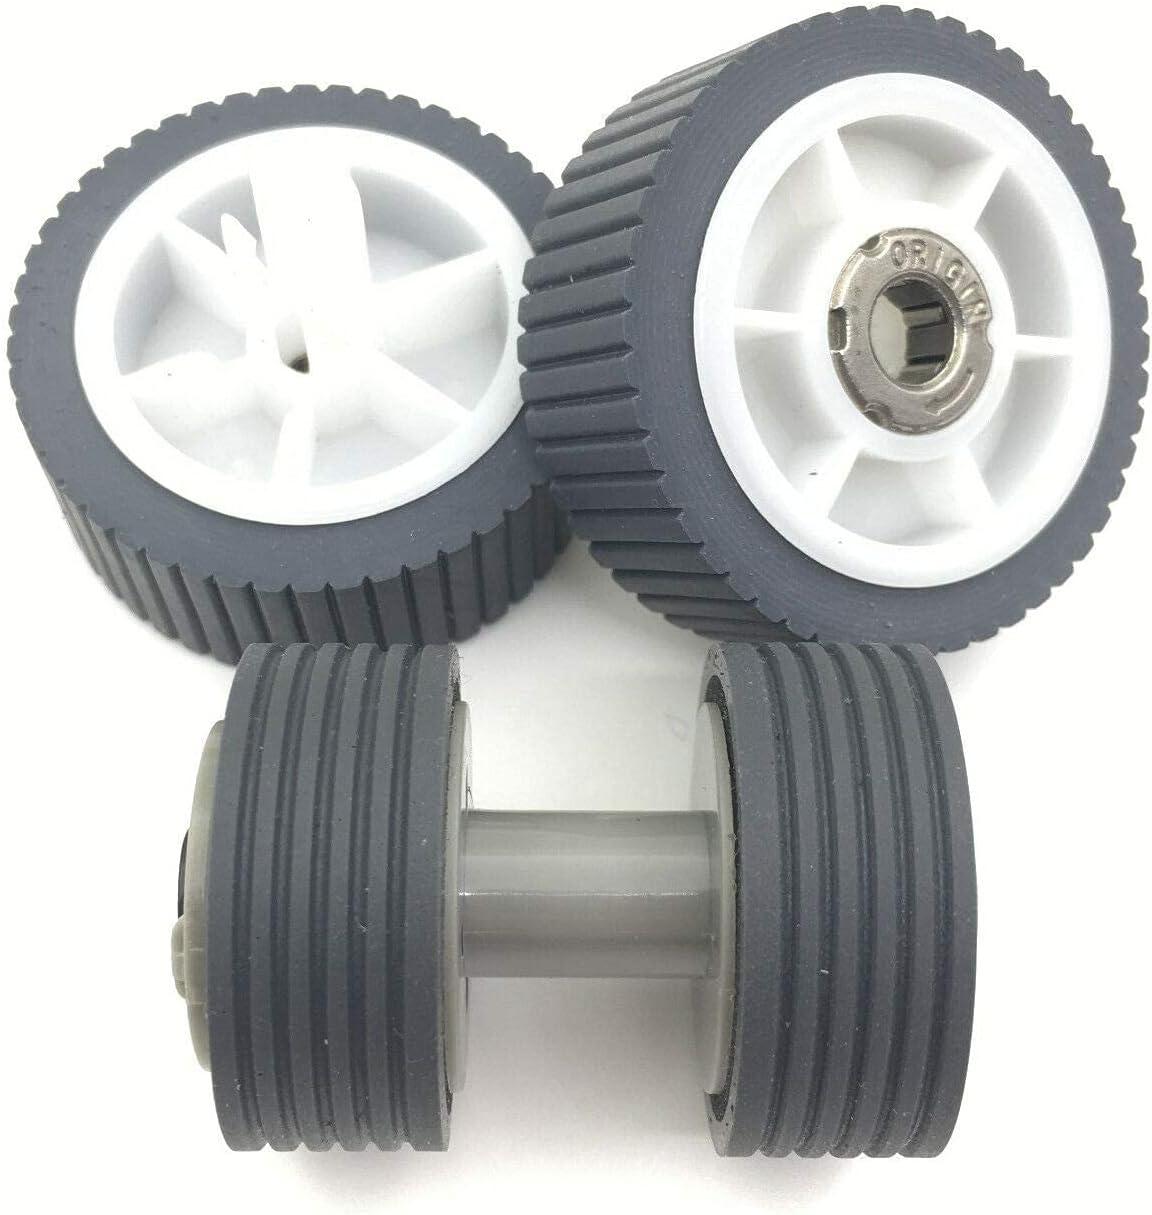 Replacement Parts Accessories for Printer 10X PA03656-0001 PA03656-E958 PA03656E976 Compatible with FUJITSU IX500 ix1500 Brake Pick Roller